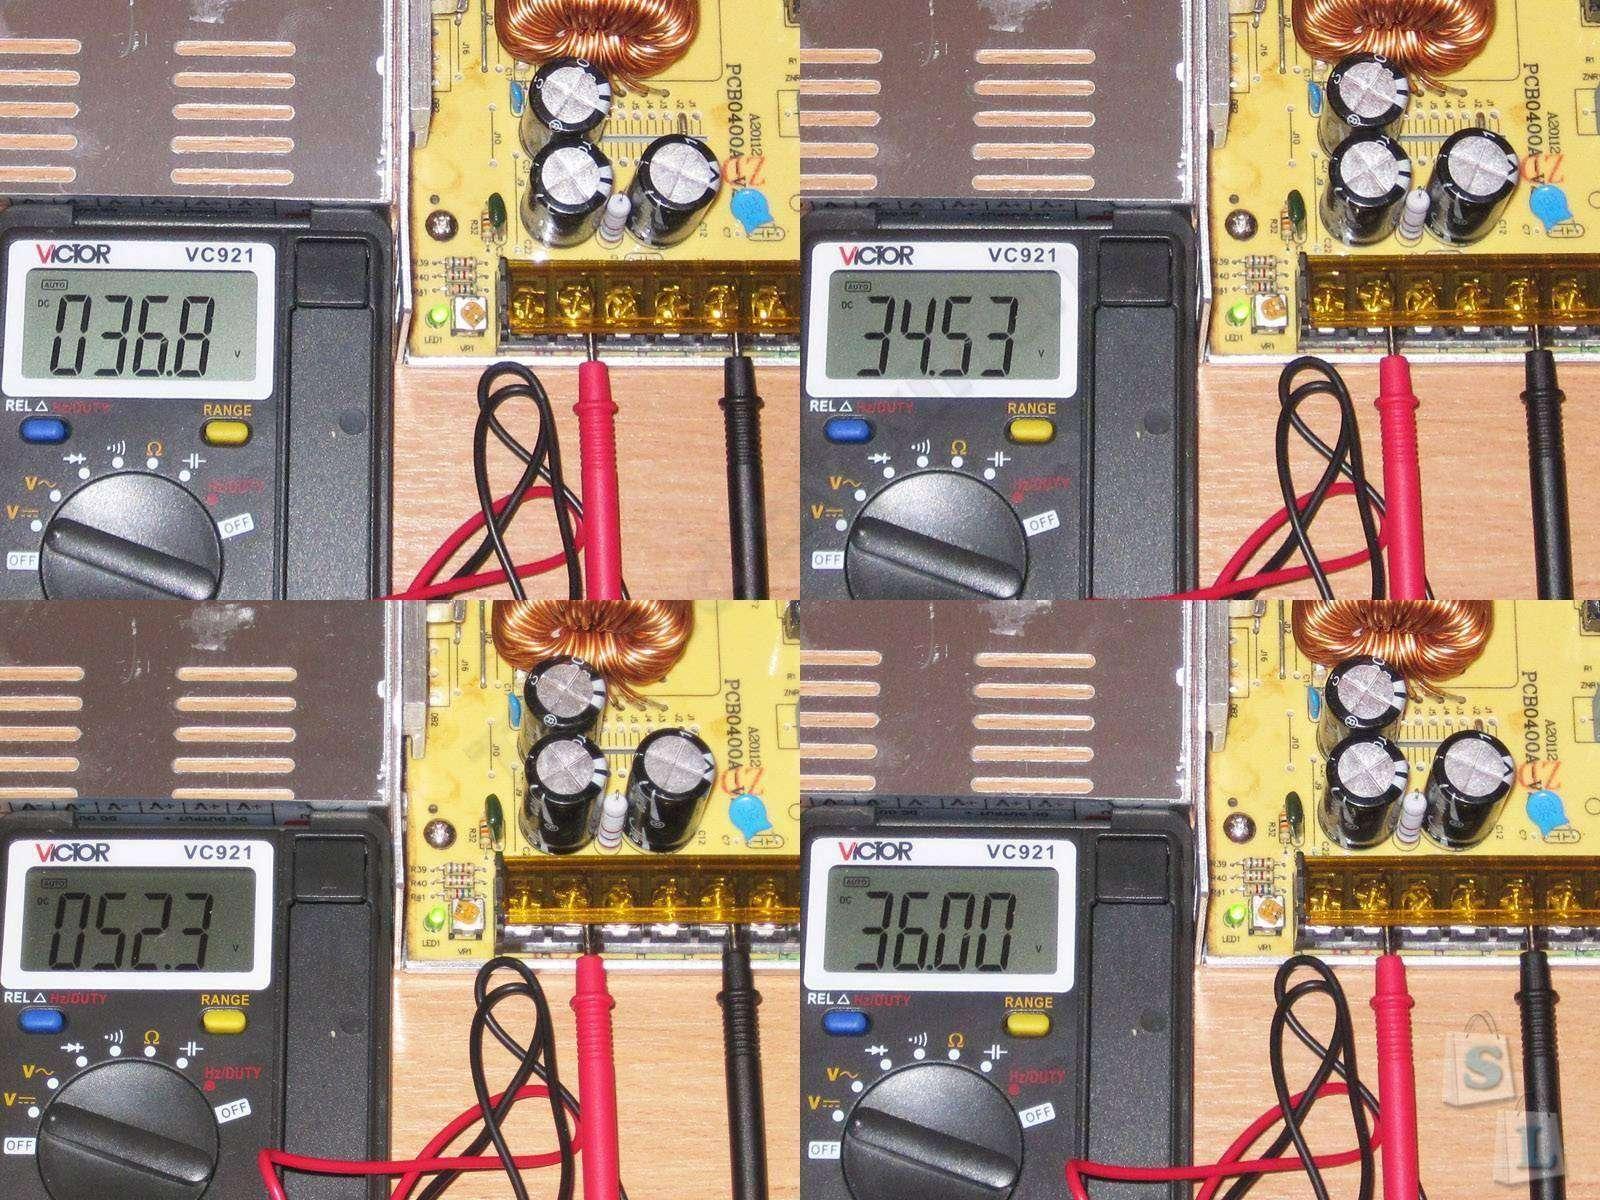 GearBest: 36 Вольт 10 Ампер 360 Ватт или продолжаем изучать как устроены блоки питания + небольшой бонус